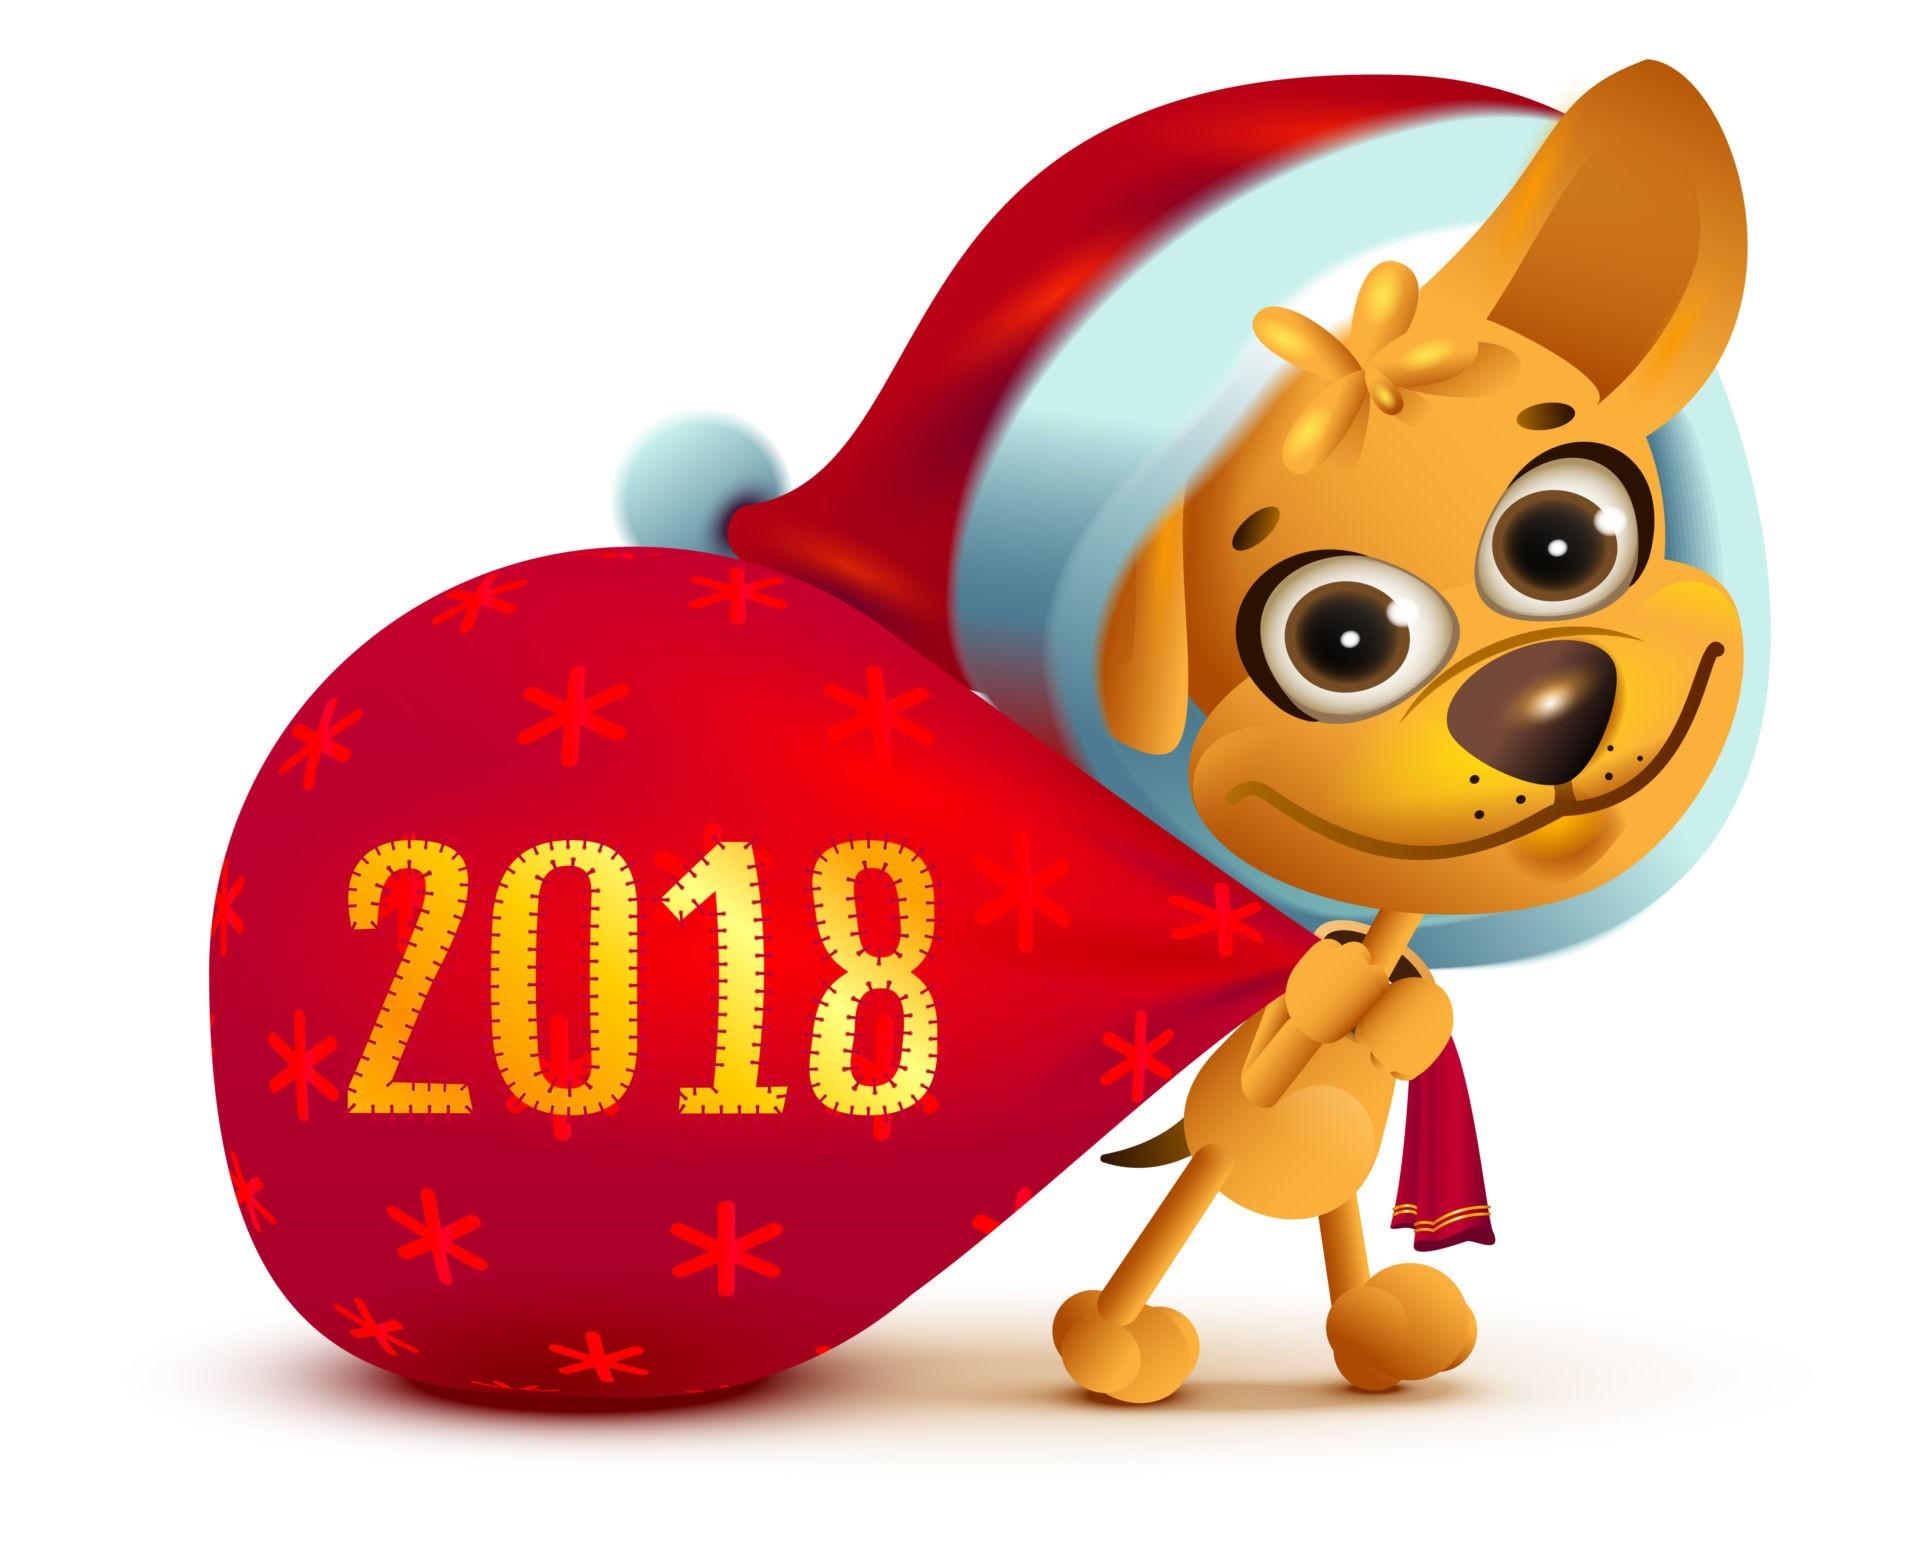 Год Собаки 2018, купить щенка аляскинского кли кая 8-905-737-10-30